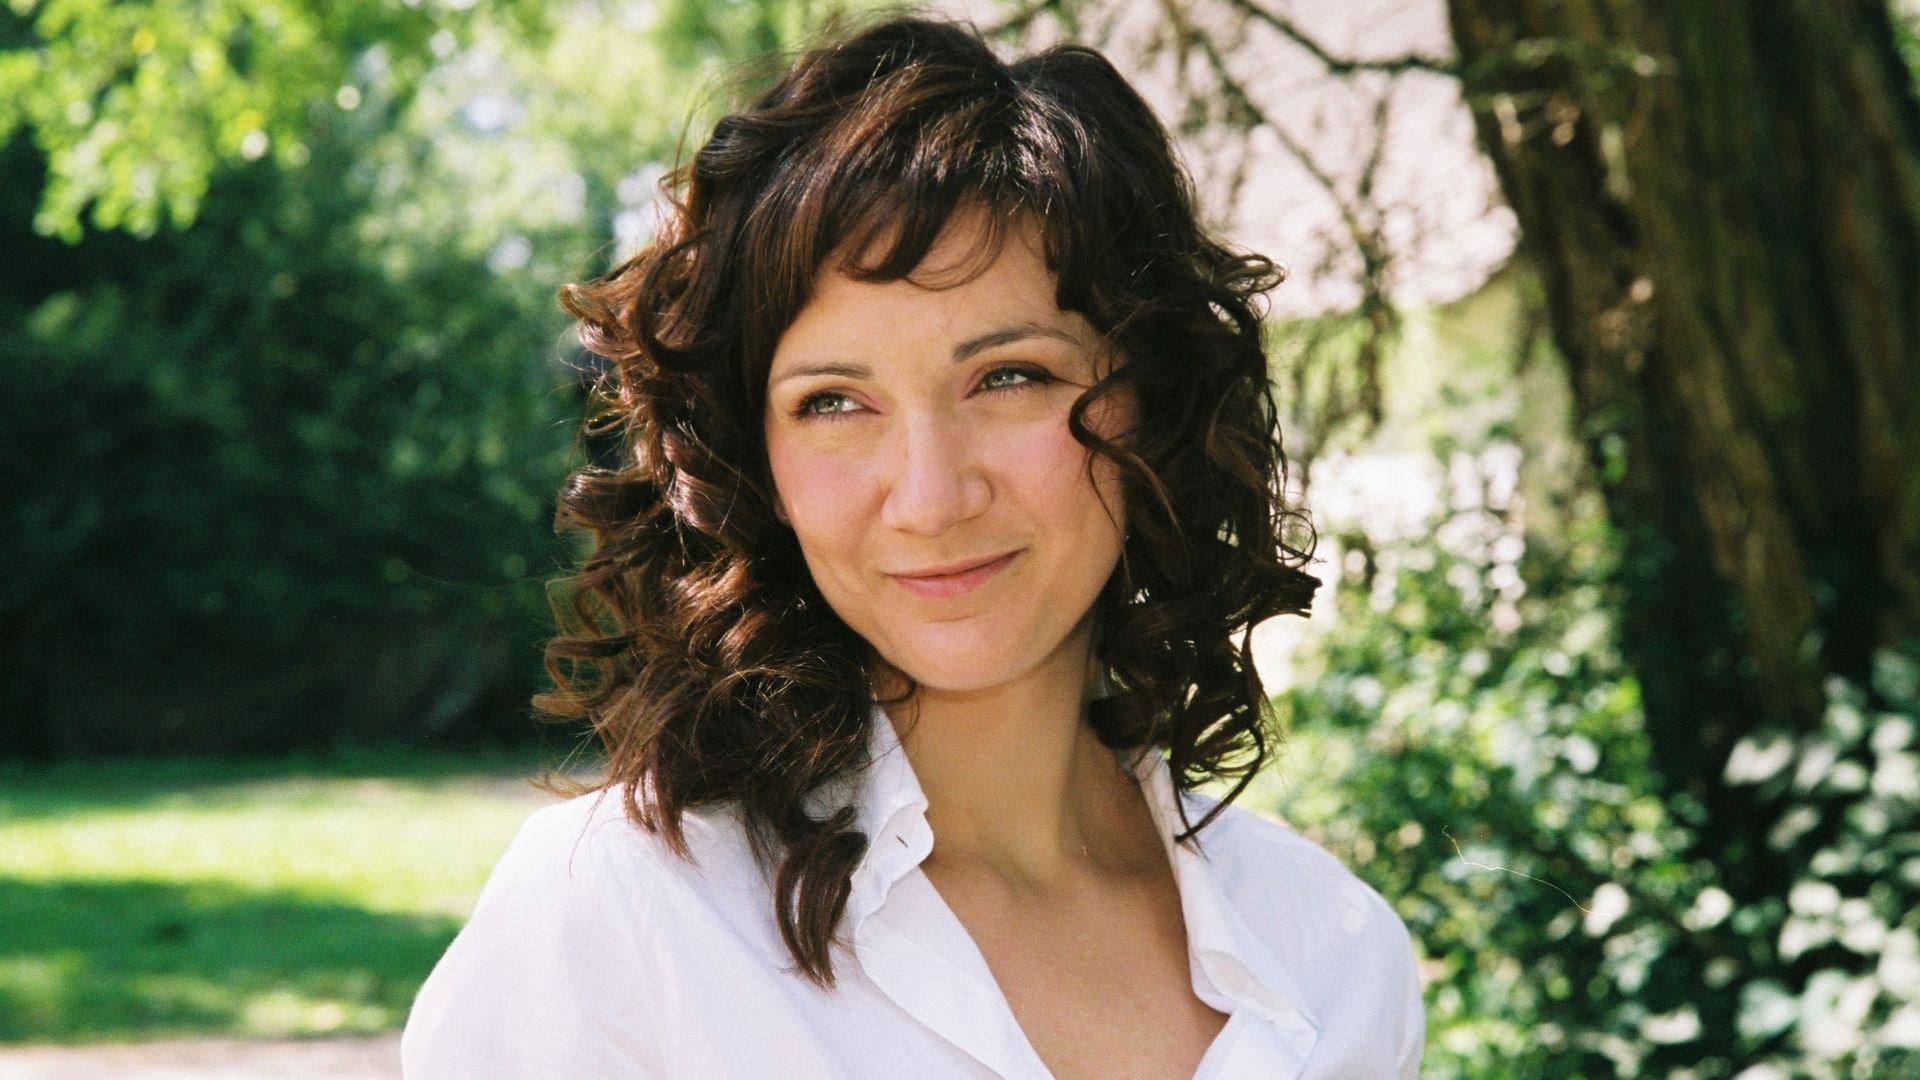 Lucy Ranczo